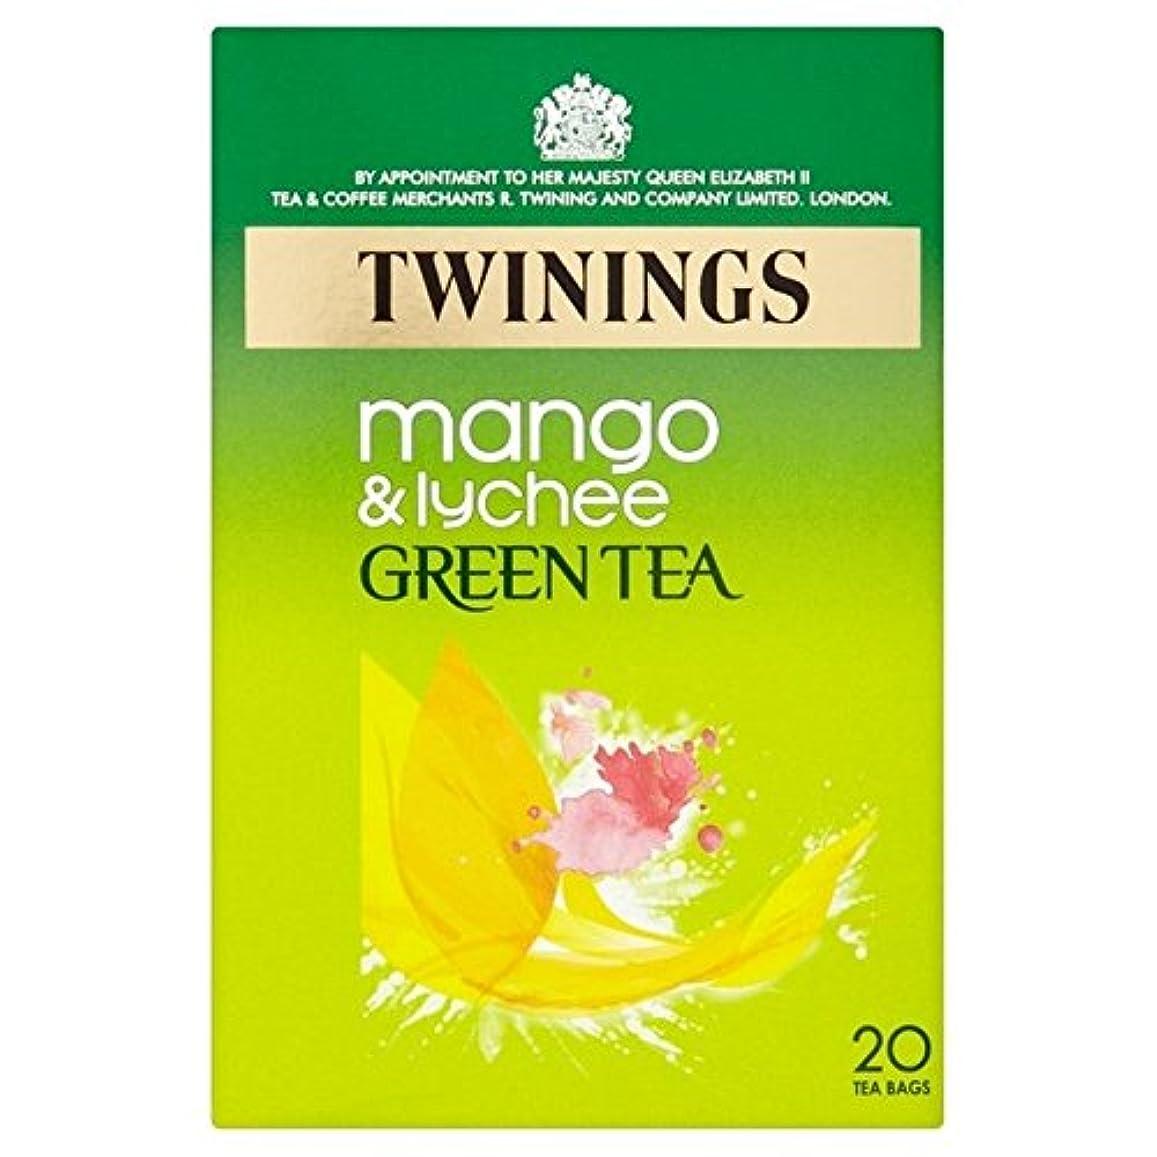 乗算セラーモンスター1パックマンゴー&ライチ20とトワイニンググリーンティー (x 6) - Twinings Green Tea with Mango & Lychee 20 per pack (Pack of 6) [並行輸入品]